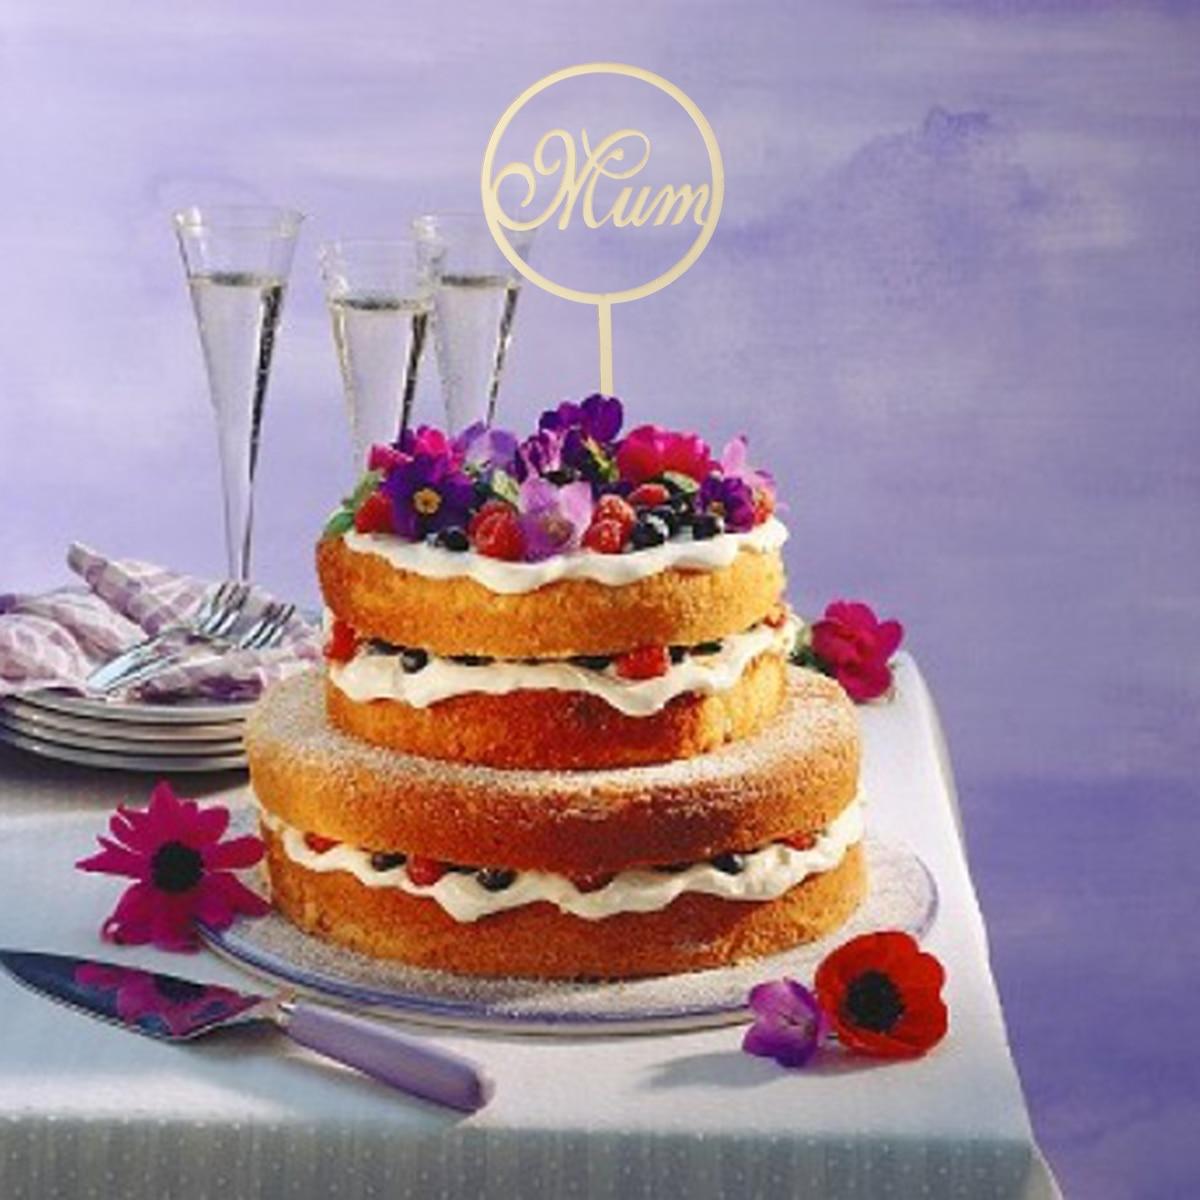 Großhandel Mum Cake Topper Acryl Spiegel Cupcake Sticks Runde Kuchen ...